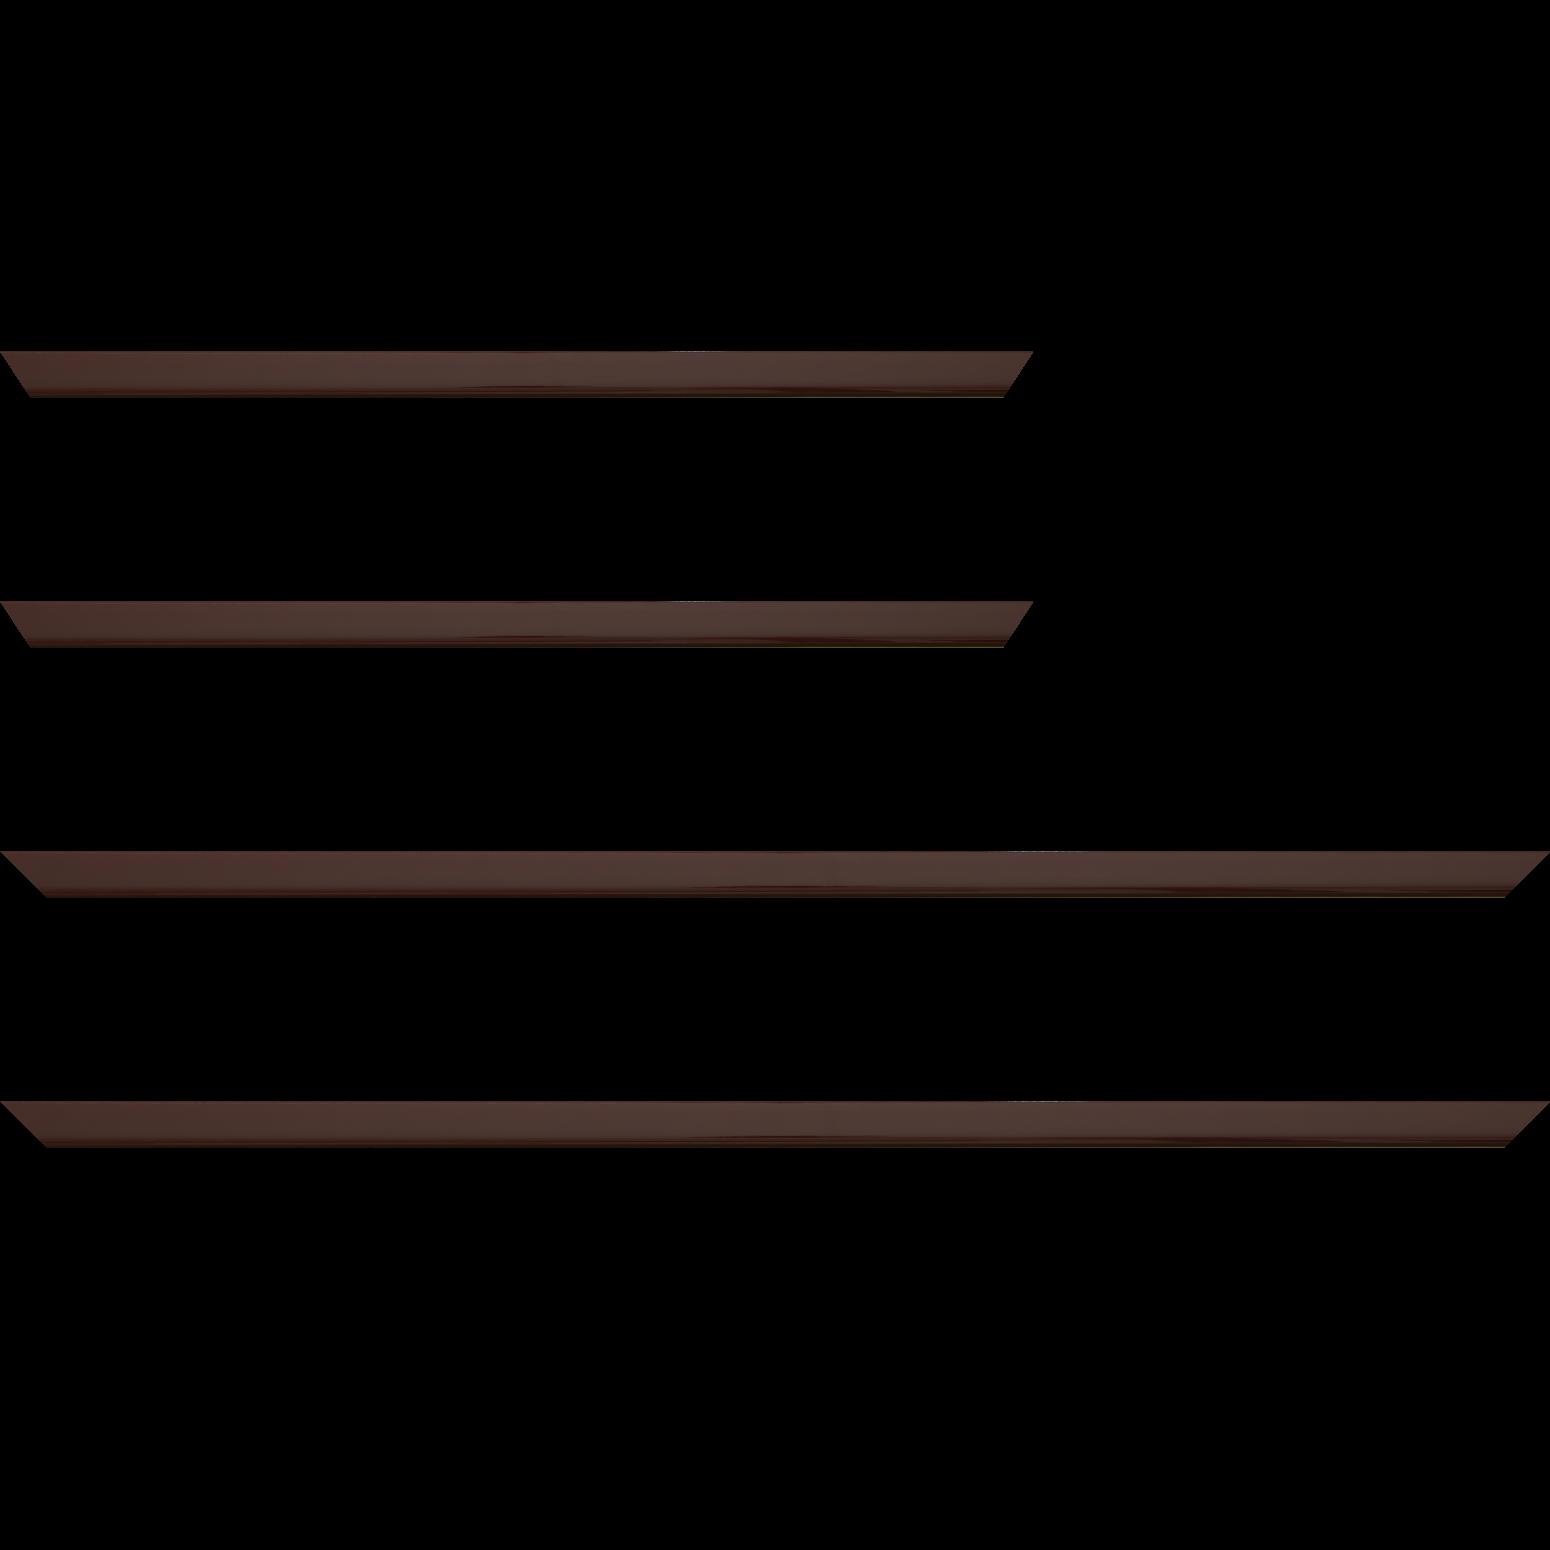 Baguette service précoupé Bois profil méplat largeur 1.4cm couleur bordeaux laqué